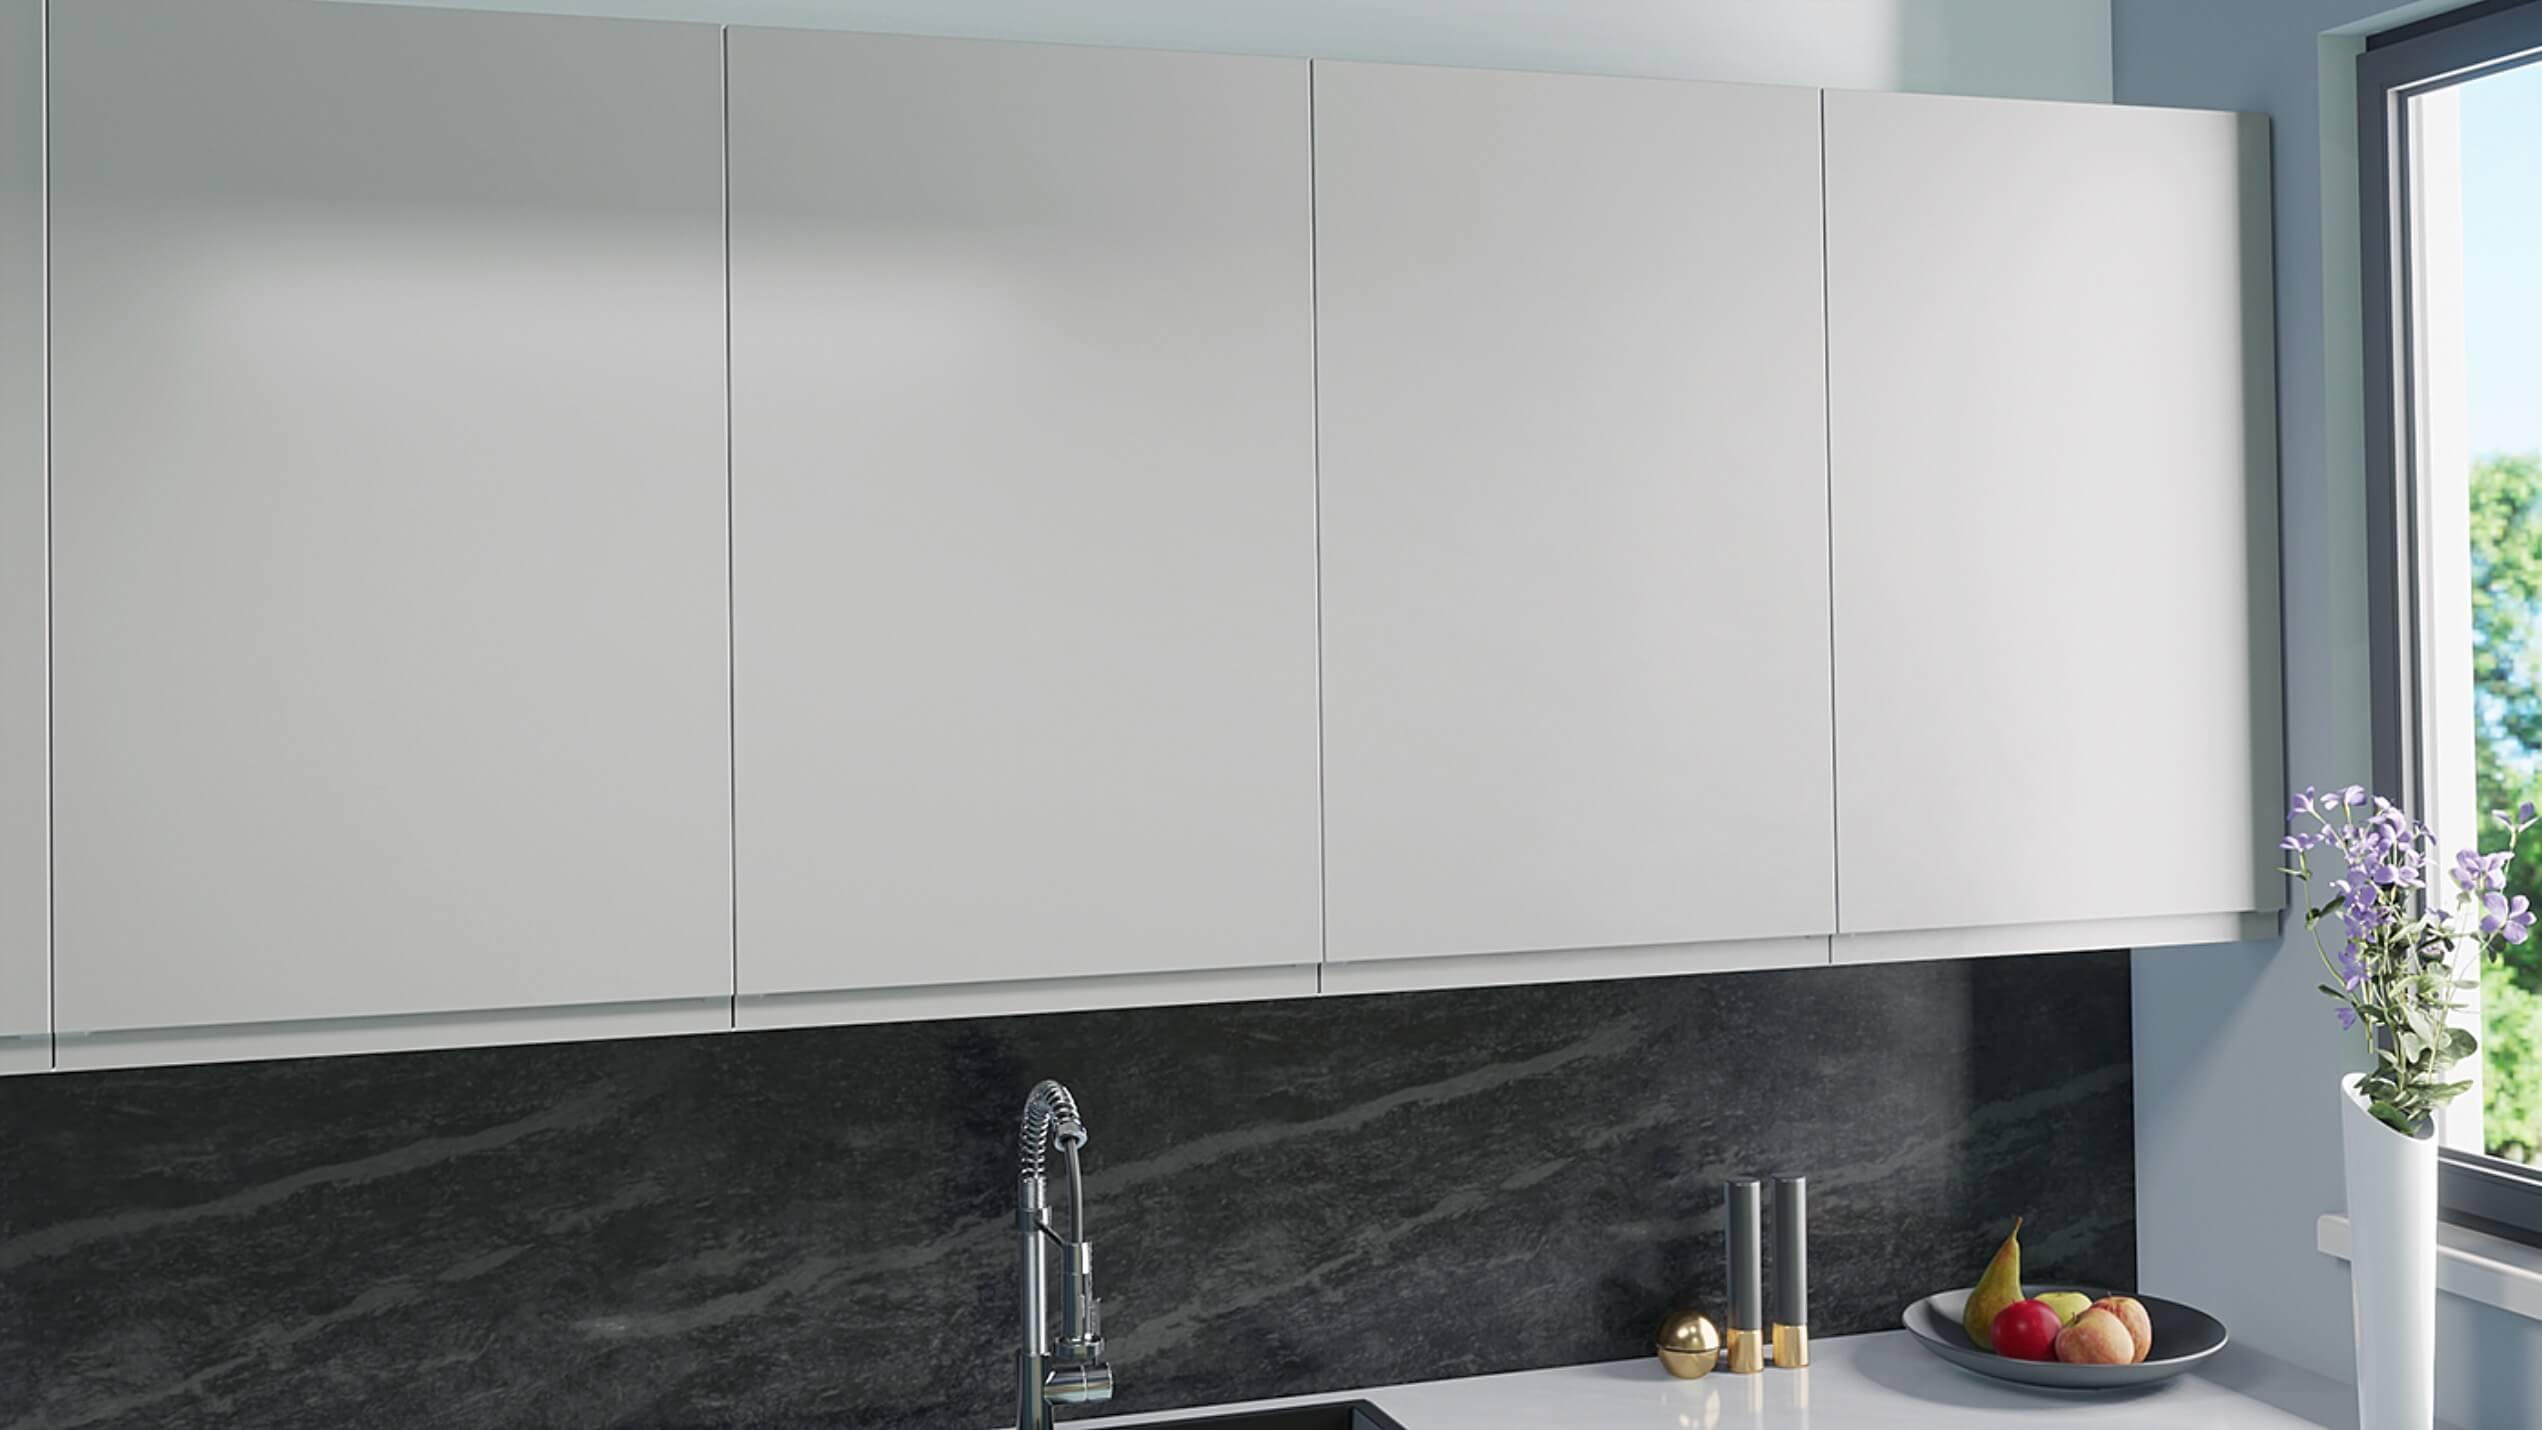 Handtagslösa köksluckor till IKEA Faktum U12 Ljusgrå